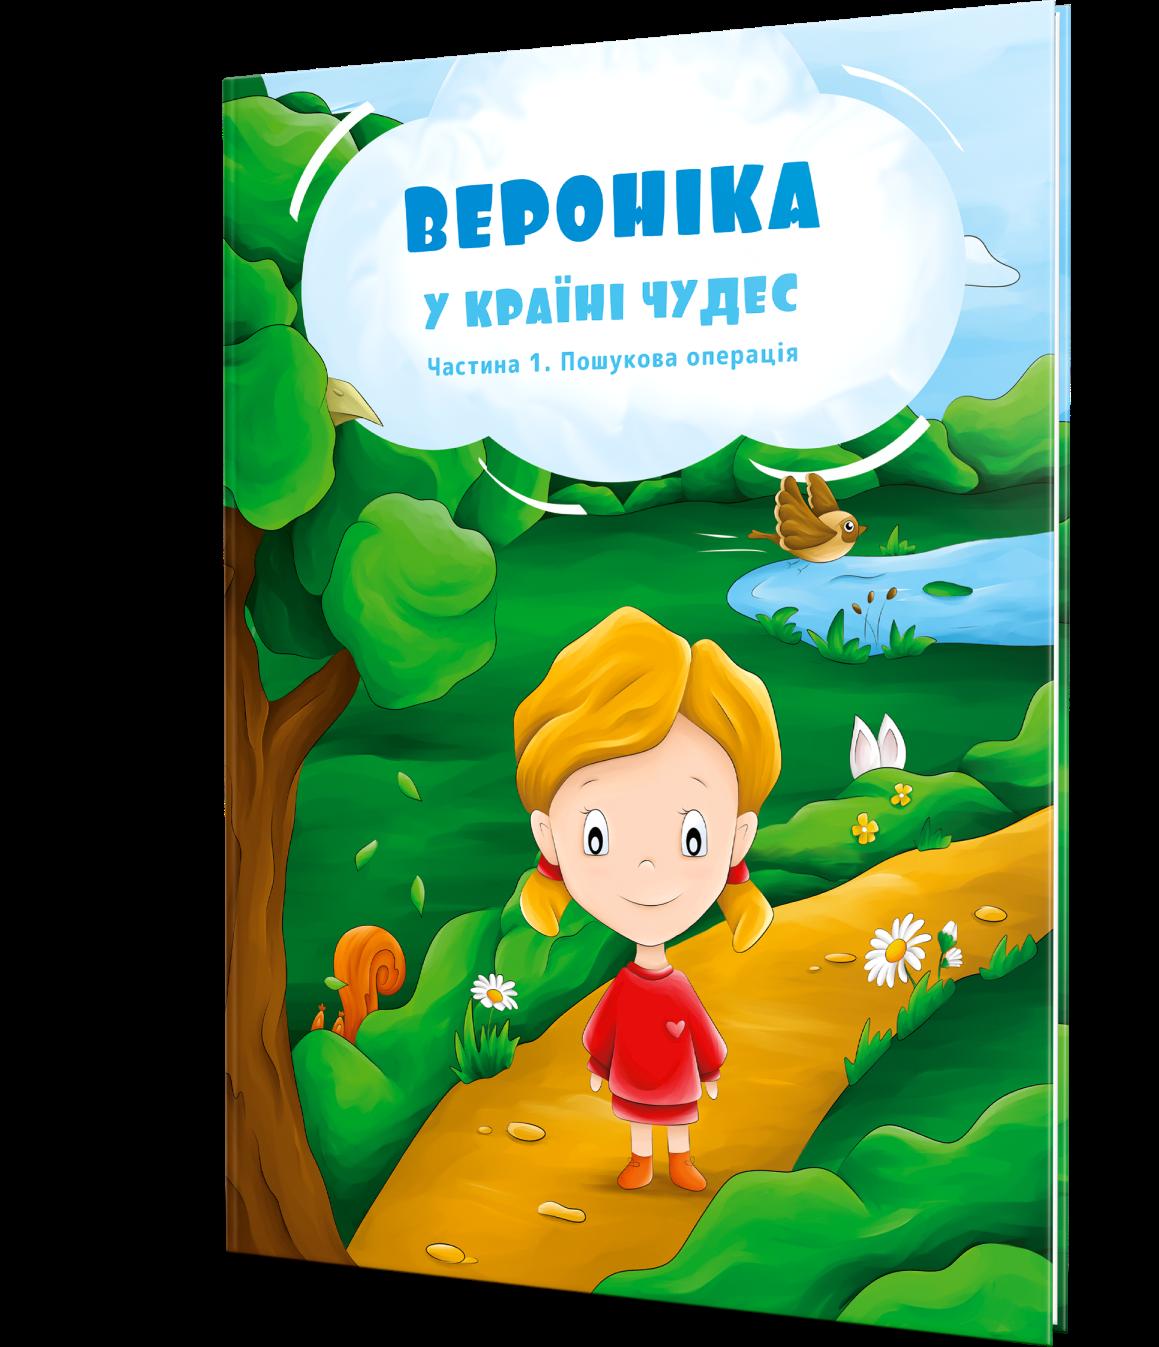 KAZZZKA - Іменна дитяча книга, перша частина дивовижної історії про вашого малюка